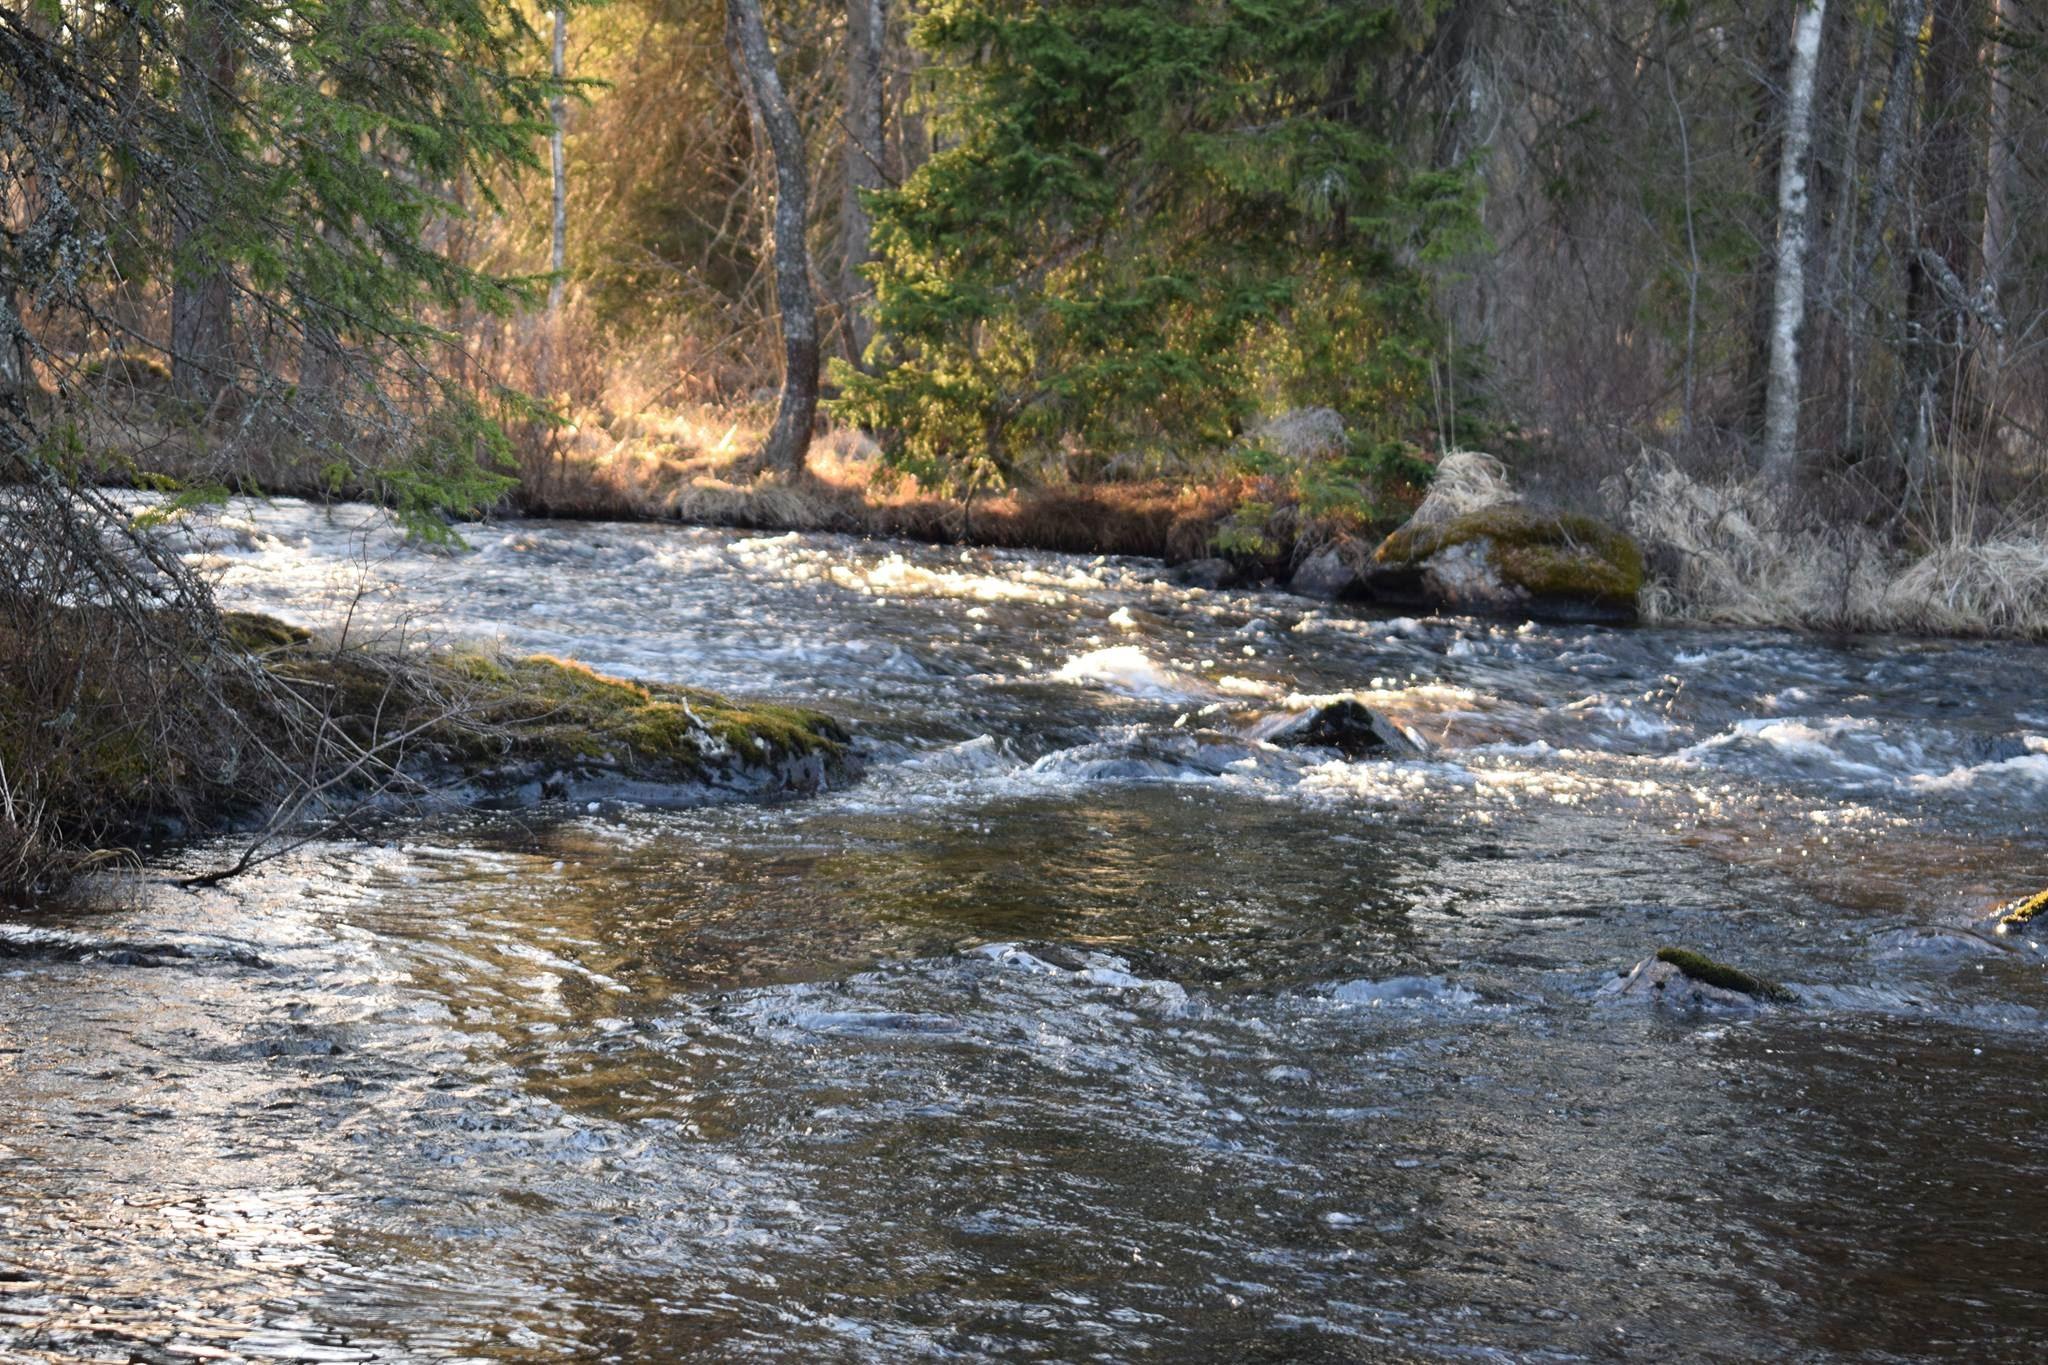 Vidinge gård, Fiskepremiär 2018 Alsterån